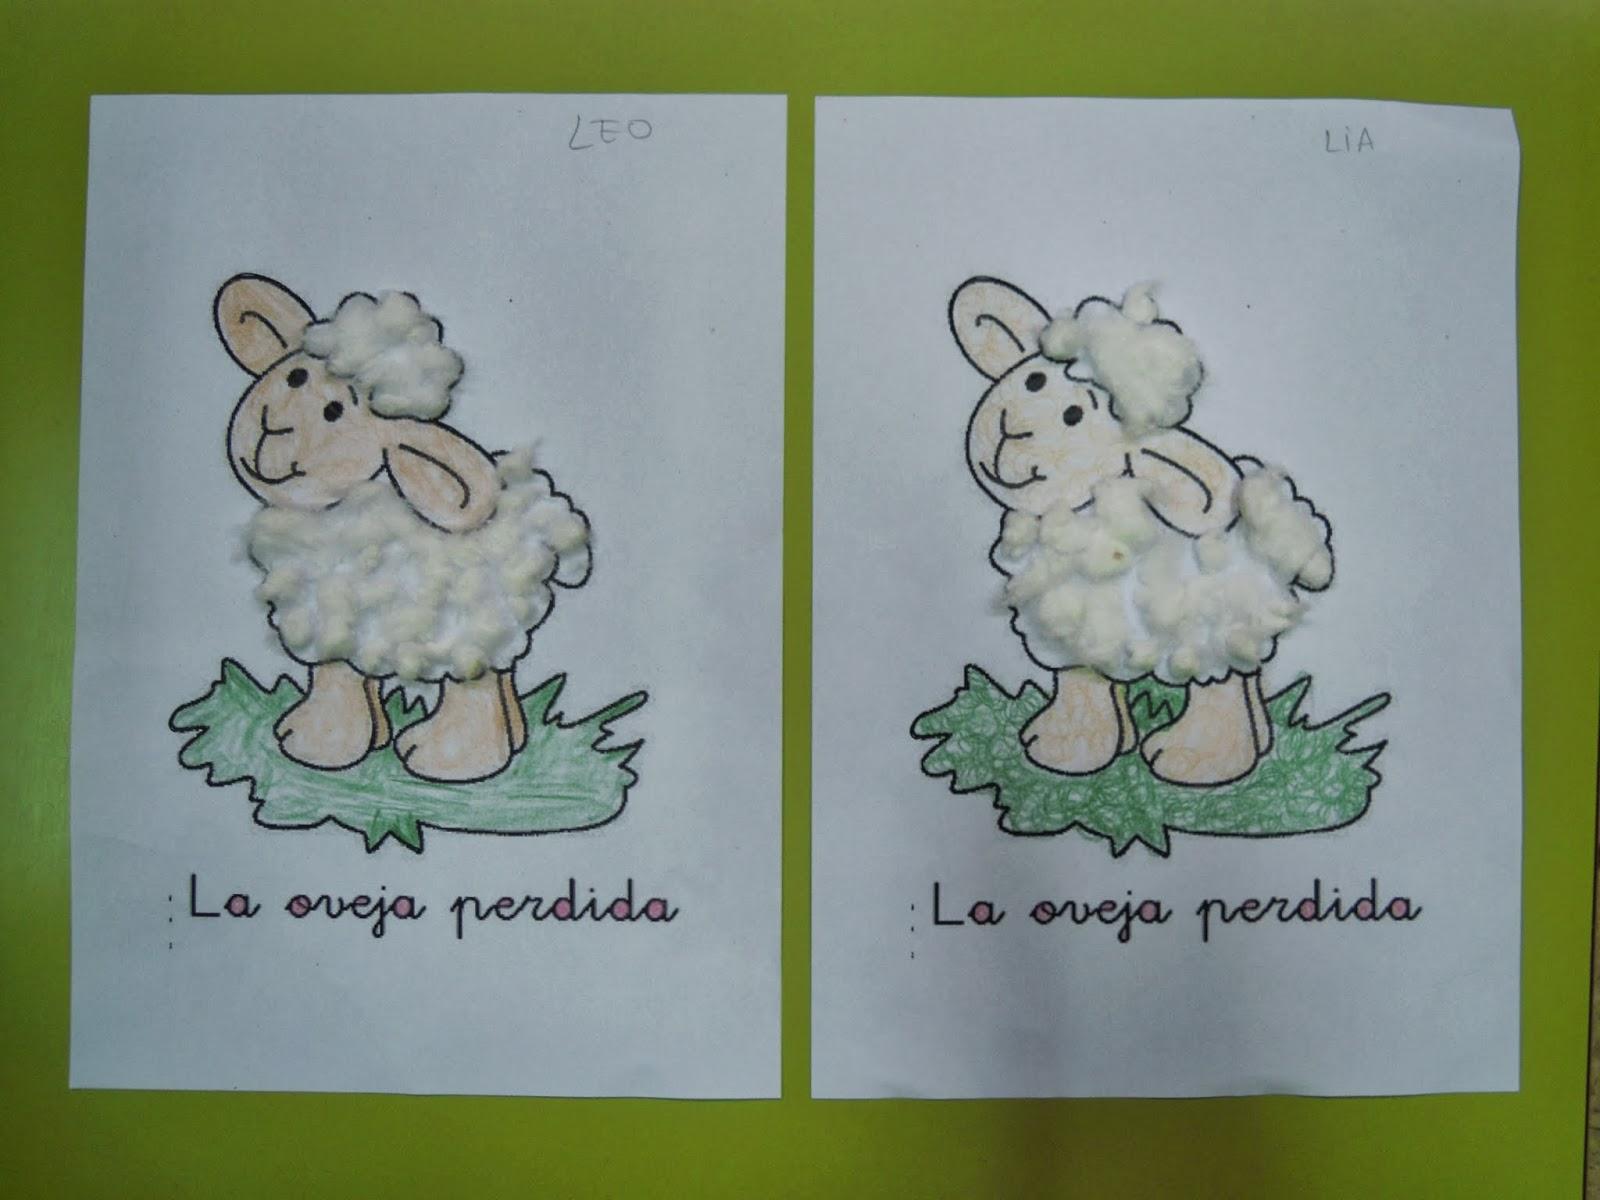 Aula de Religión: La oveja perdida (Infantil 3 años)